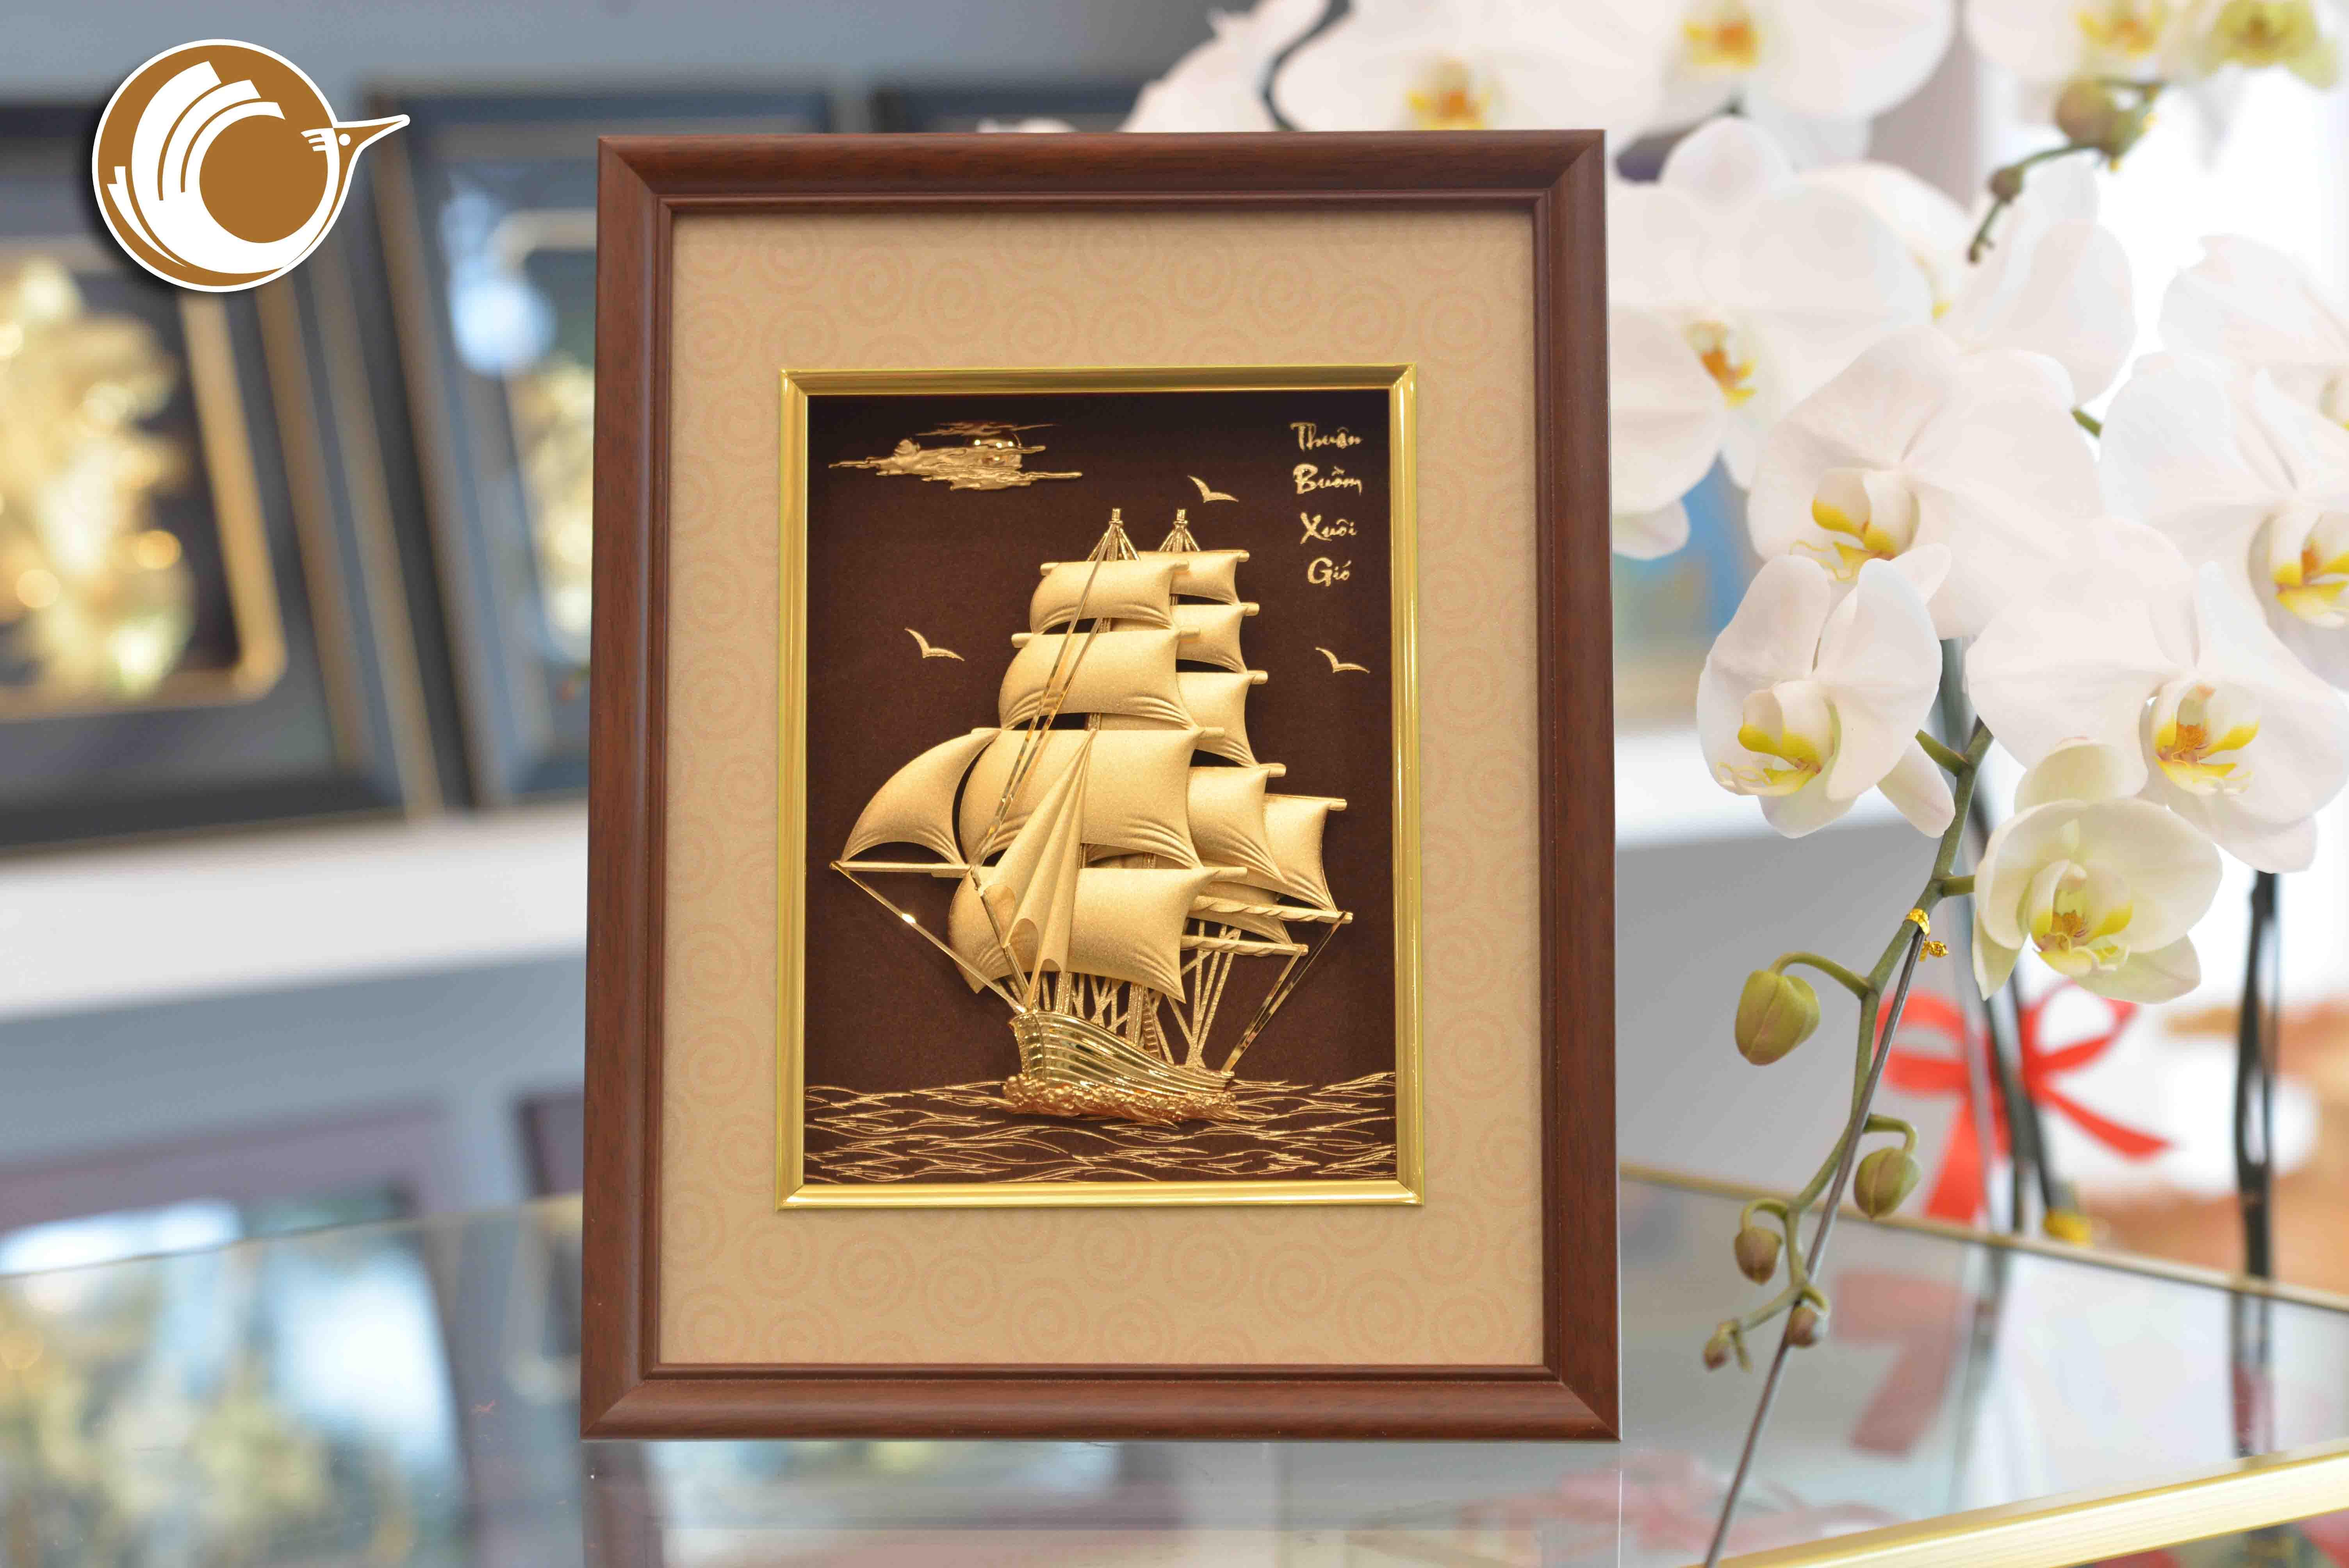 Quà tặng tranh vàng thuyền buồm xuôi gió- quà tặng sự kiện doanh nghiệp0